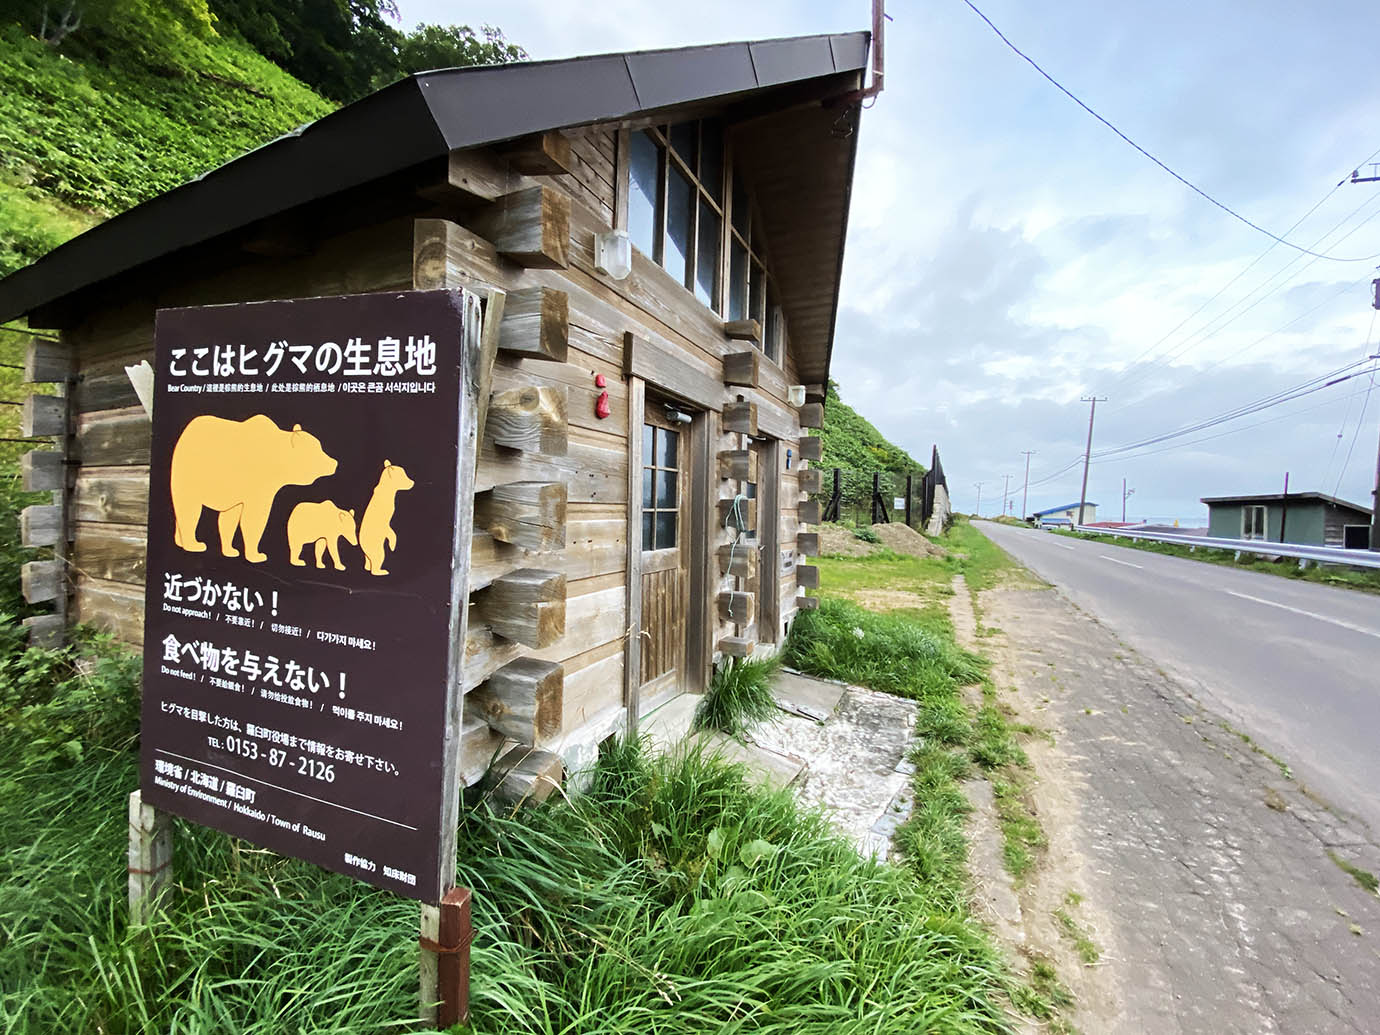 hokkaido-saseki-hot-spring8